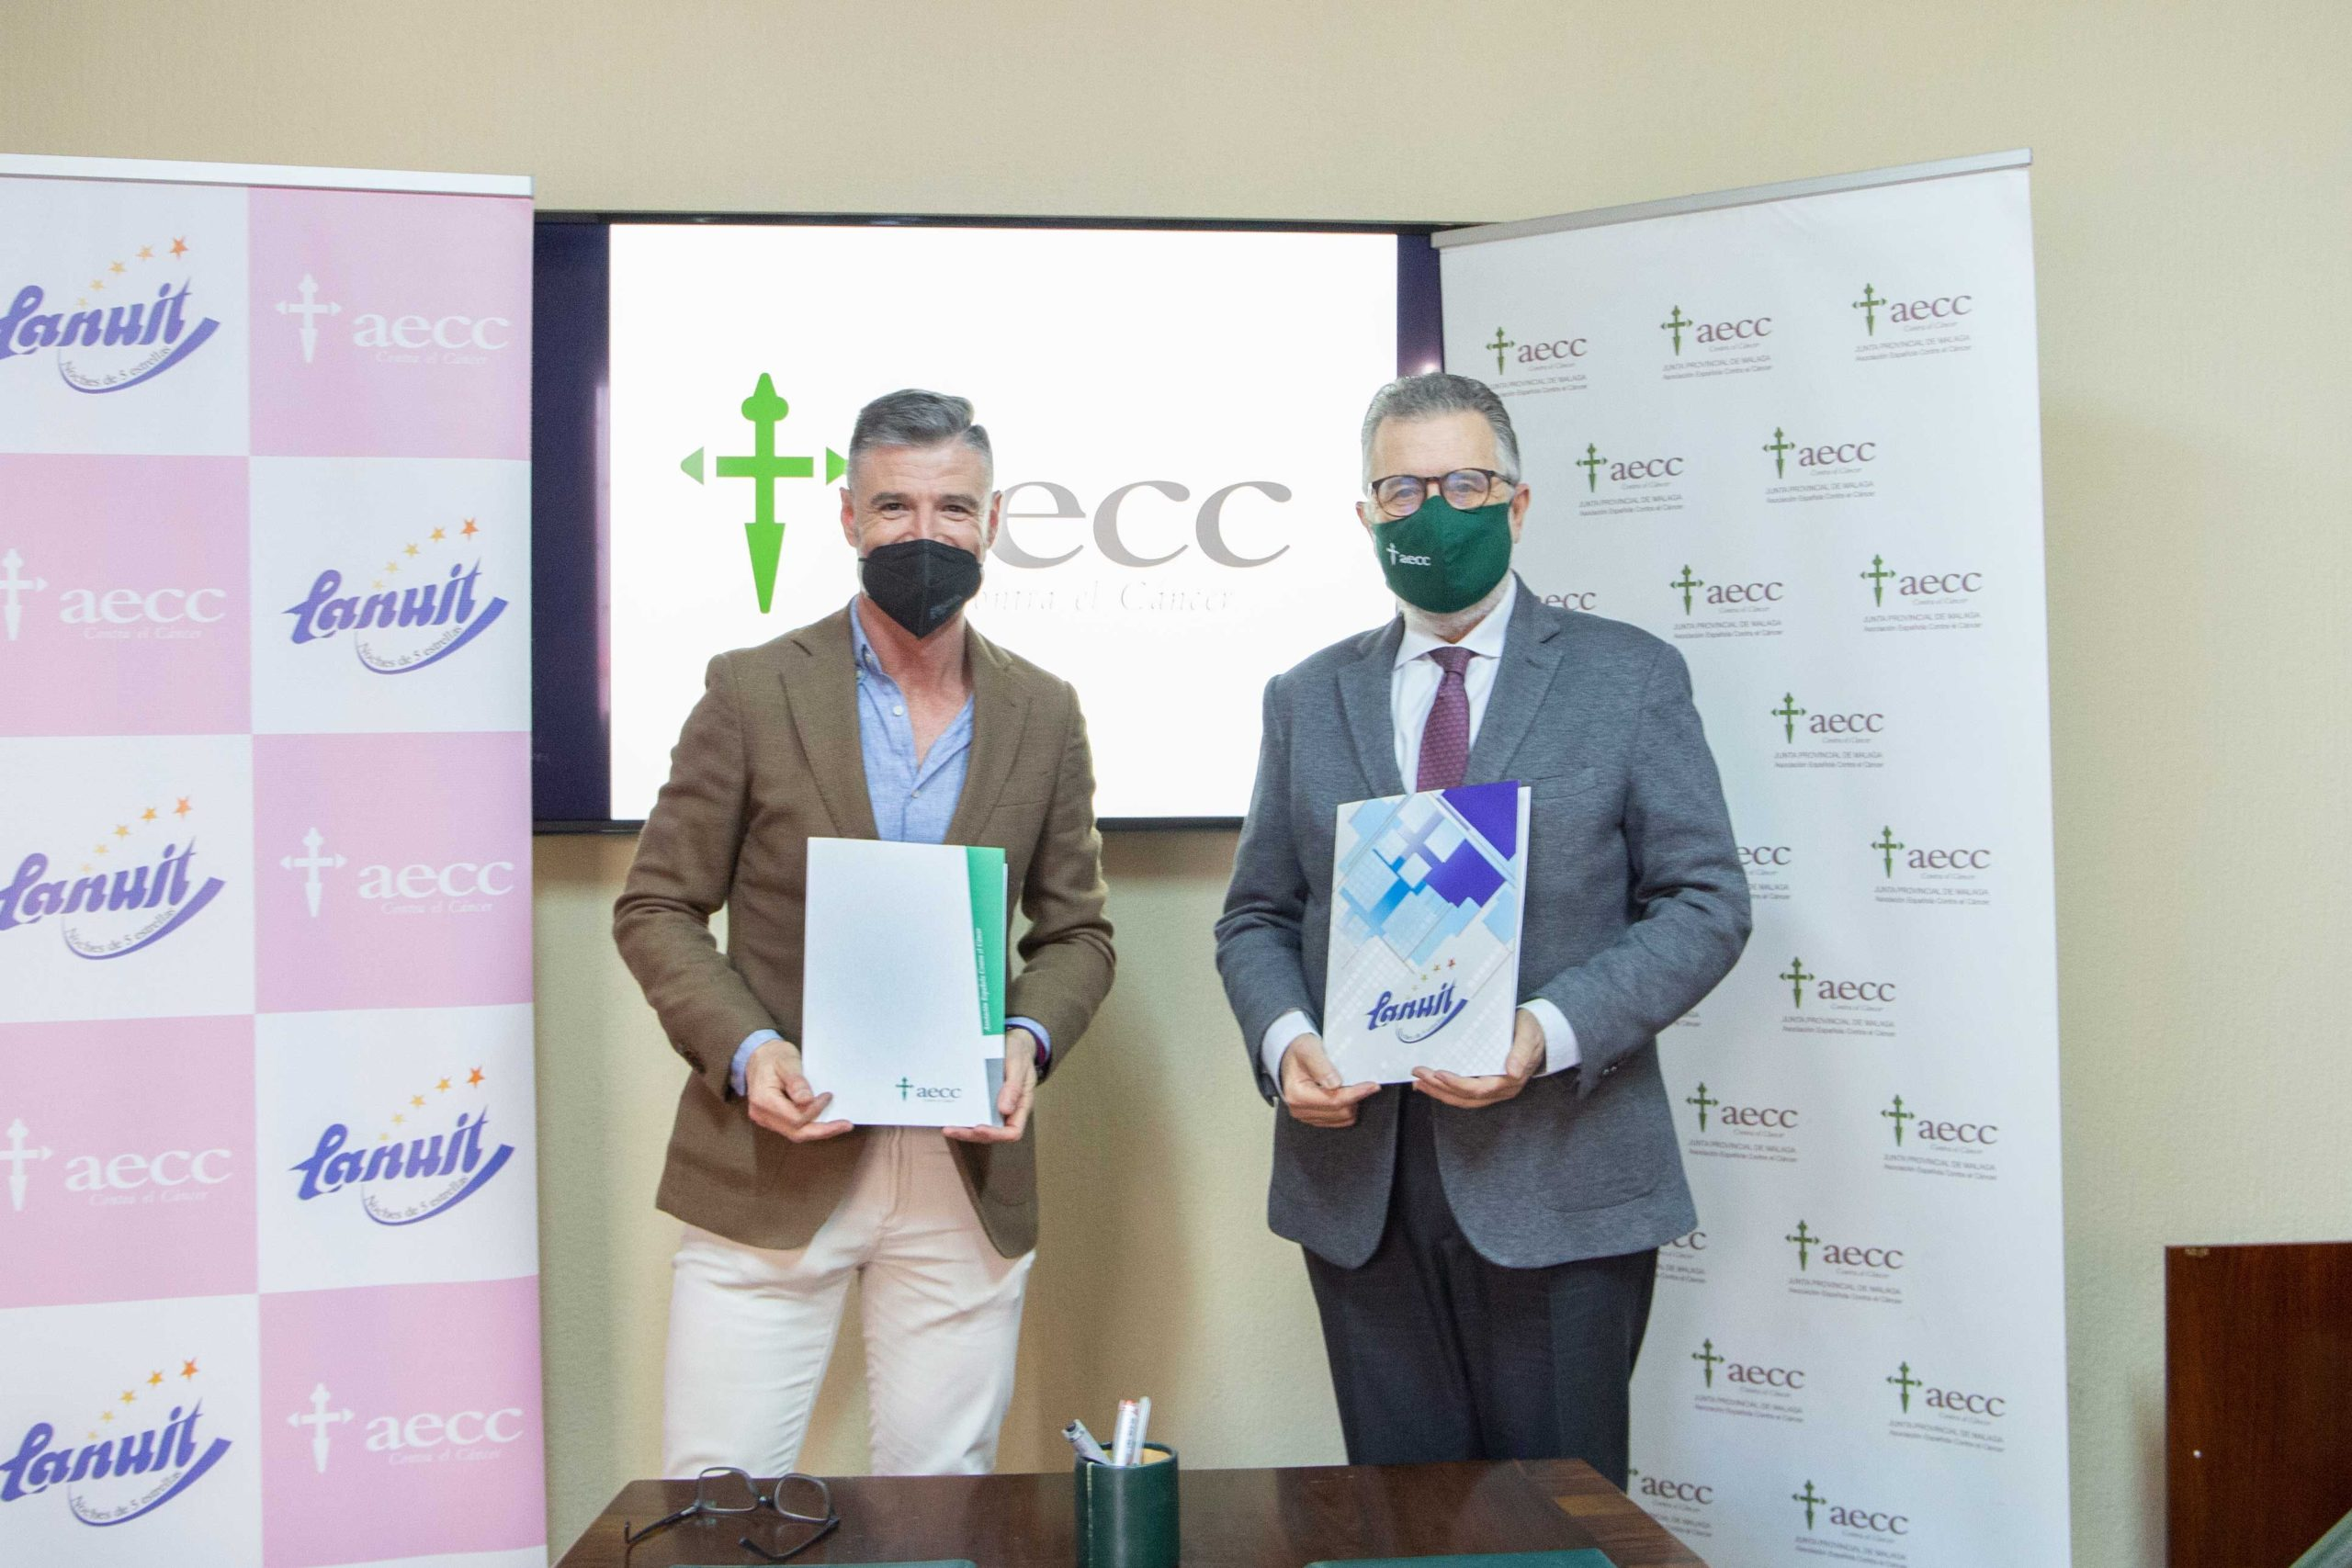 Colchones La Nuit donará parte de los beneficios de la venta del colchón Oliva a la Asociación Española Contra el Cáncer AECC de Málaga